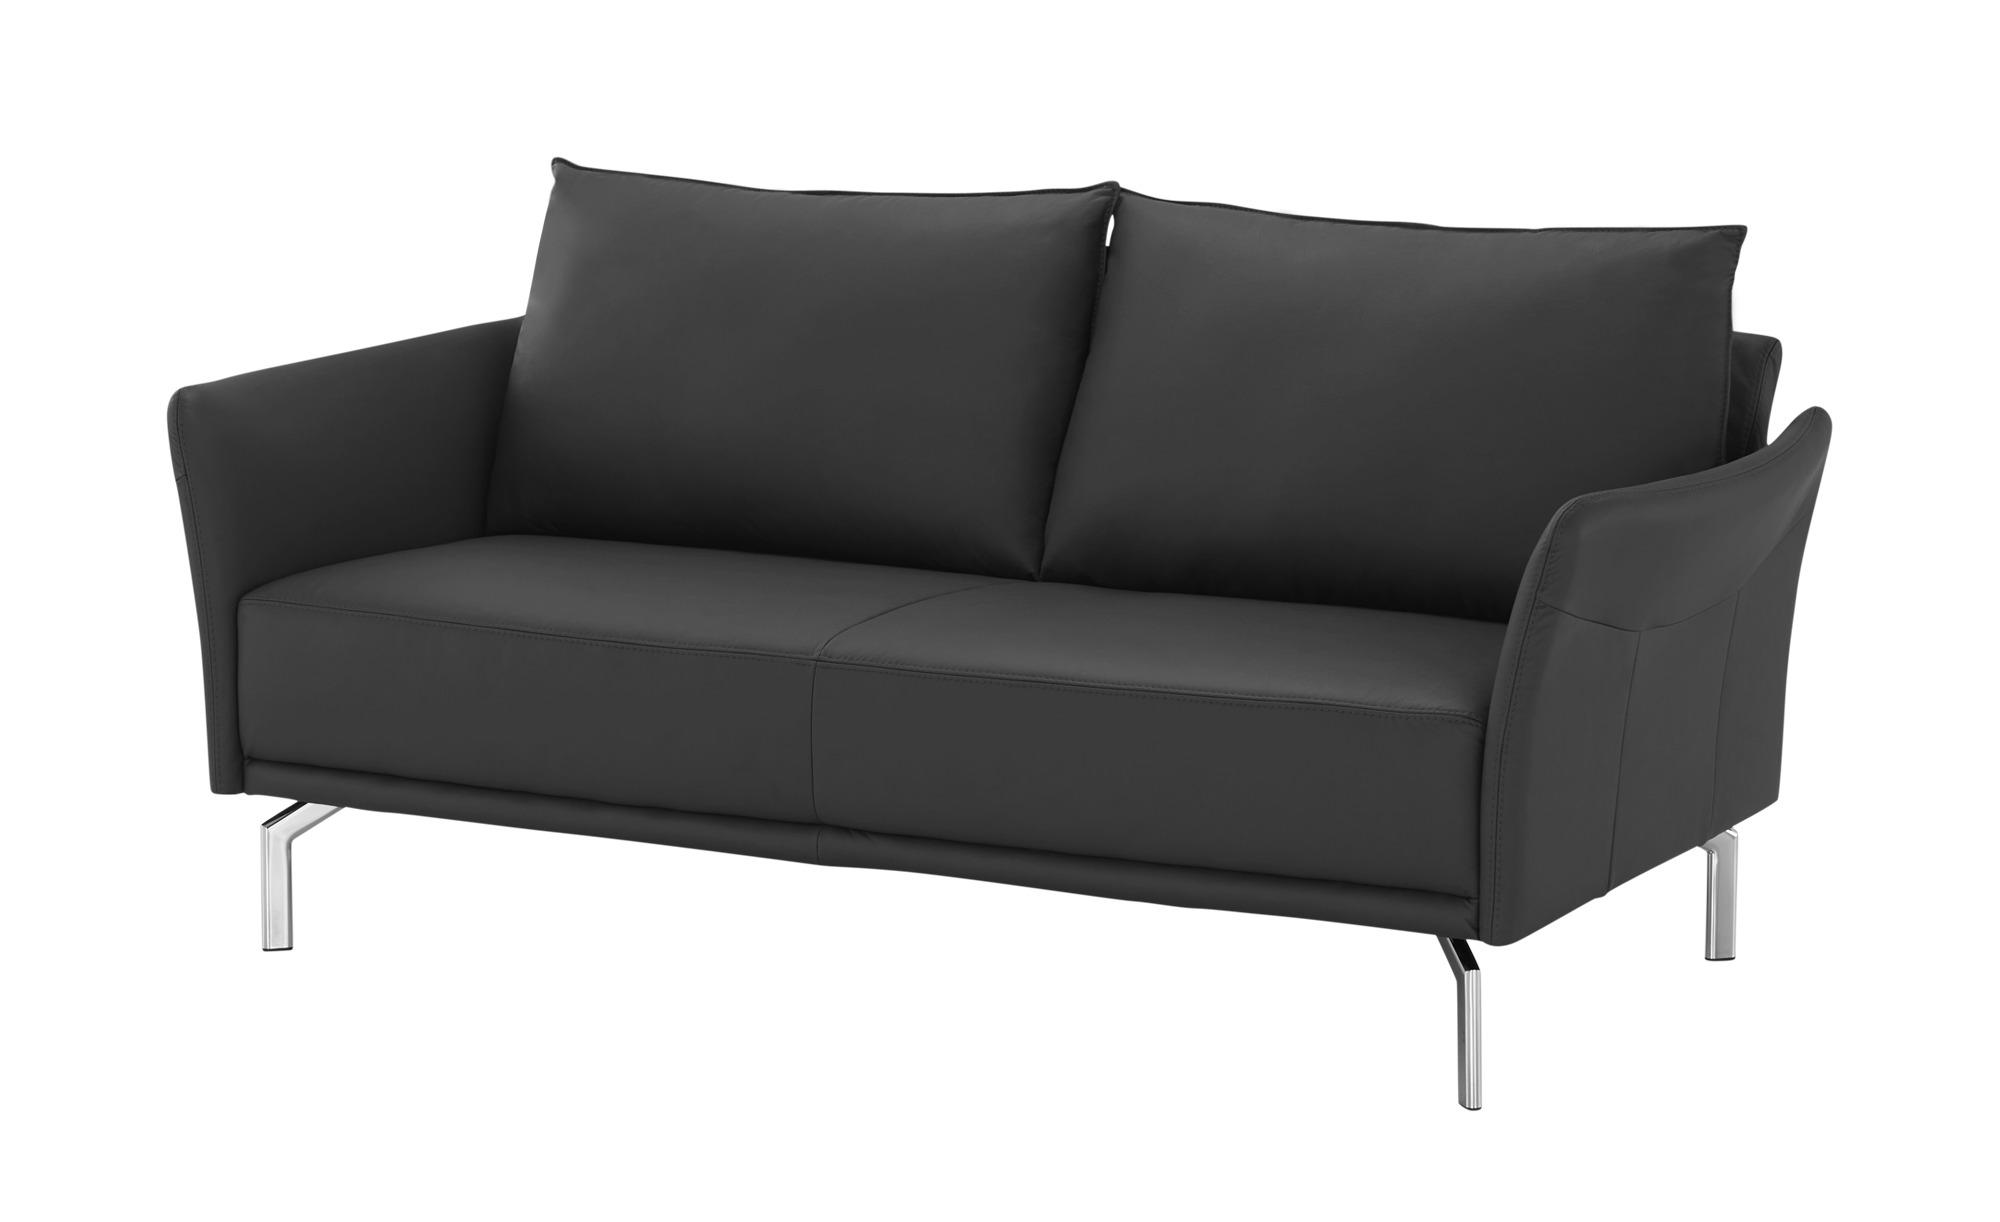 SOHO Sofa  Yamila ¦ schwarz ¦ Maße (cm): B: 192 H: 90 T: 89 Polstermöbel > Sofas > 3-Sitzer - Höffner